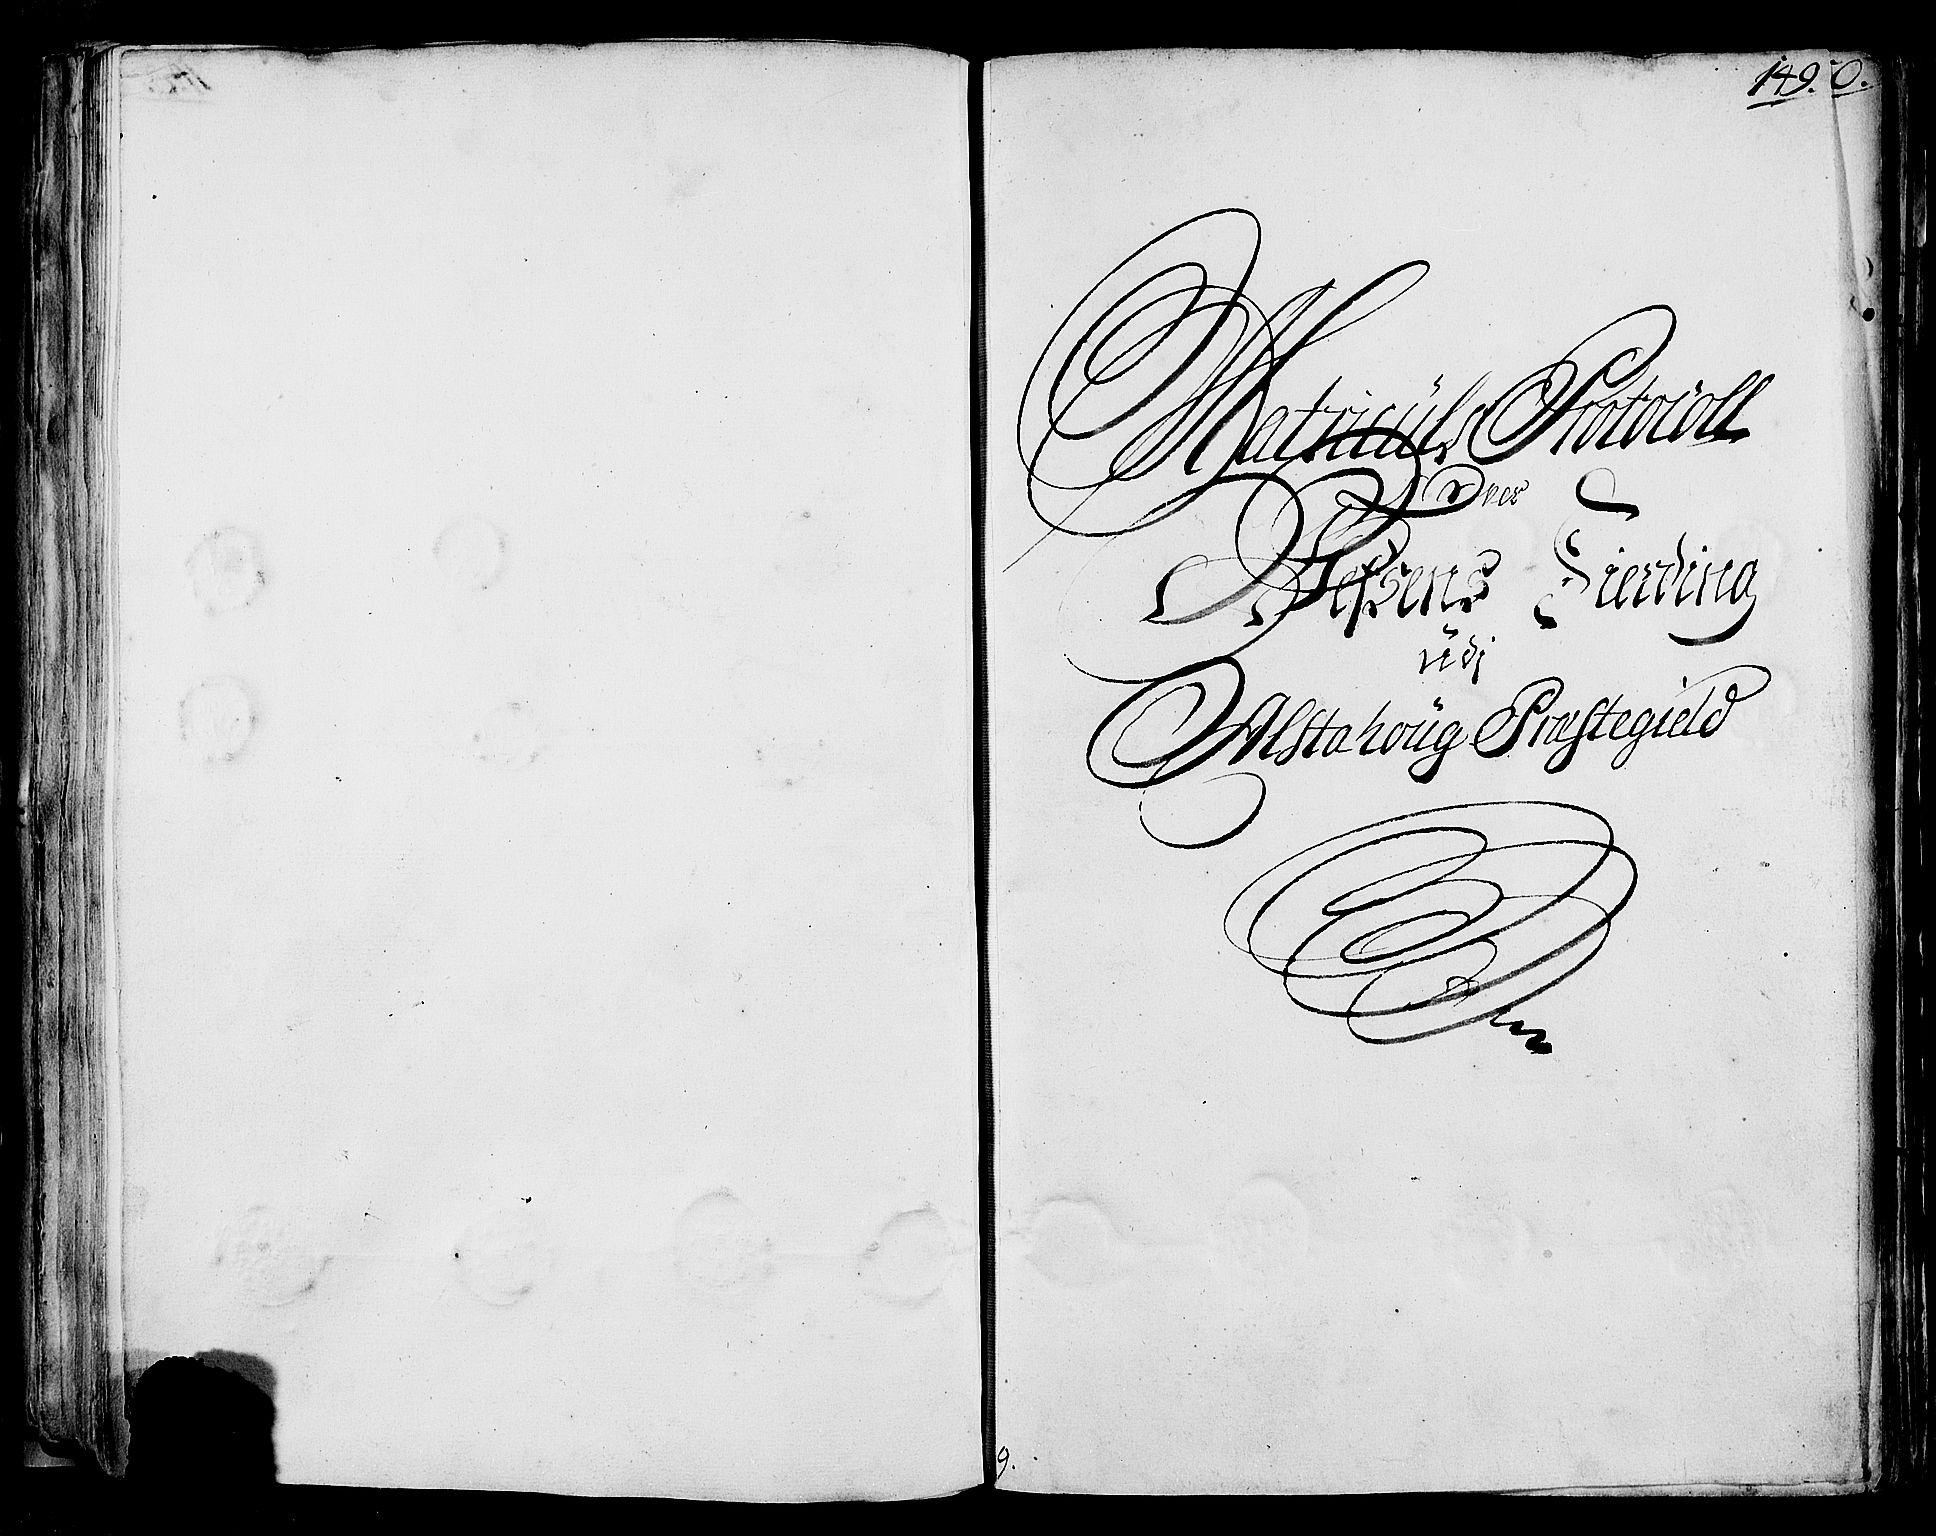 RA, Rentekammeret inntil 1814, Realistisk ordnet avdeling, N/Nb/Nbf/L0170: Helgeland eksaminasjonsprotokoll, 1723, s. 148b-149a